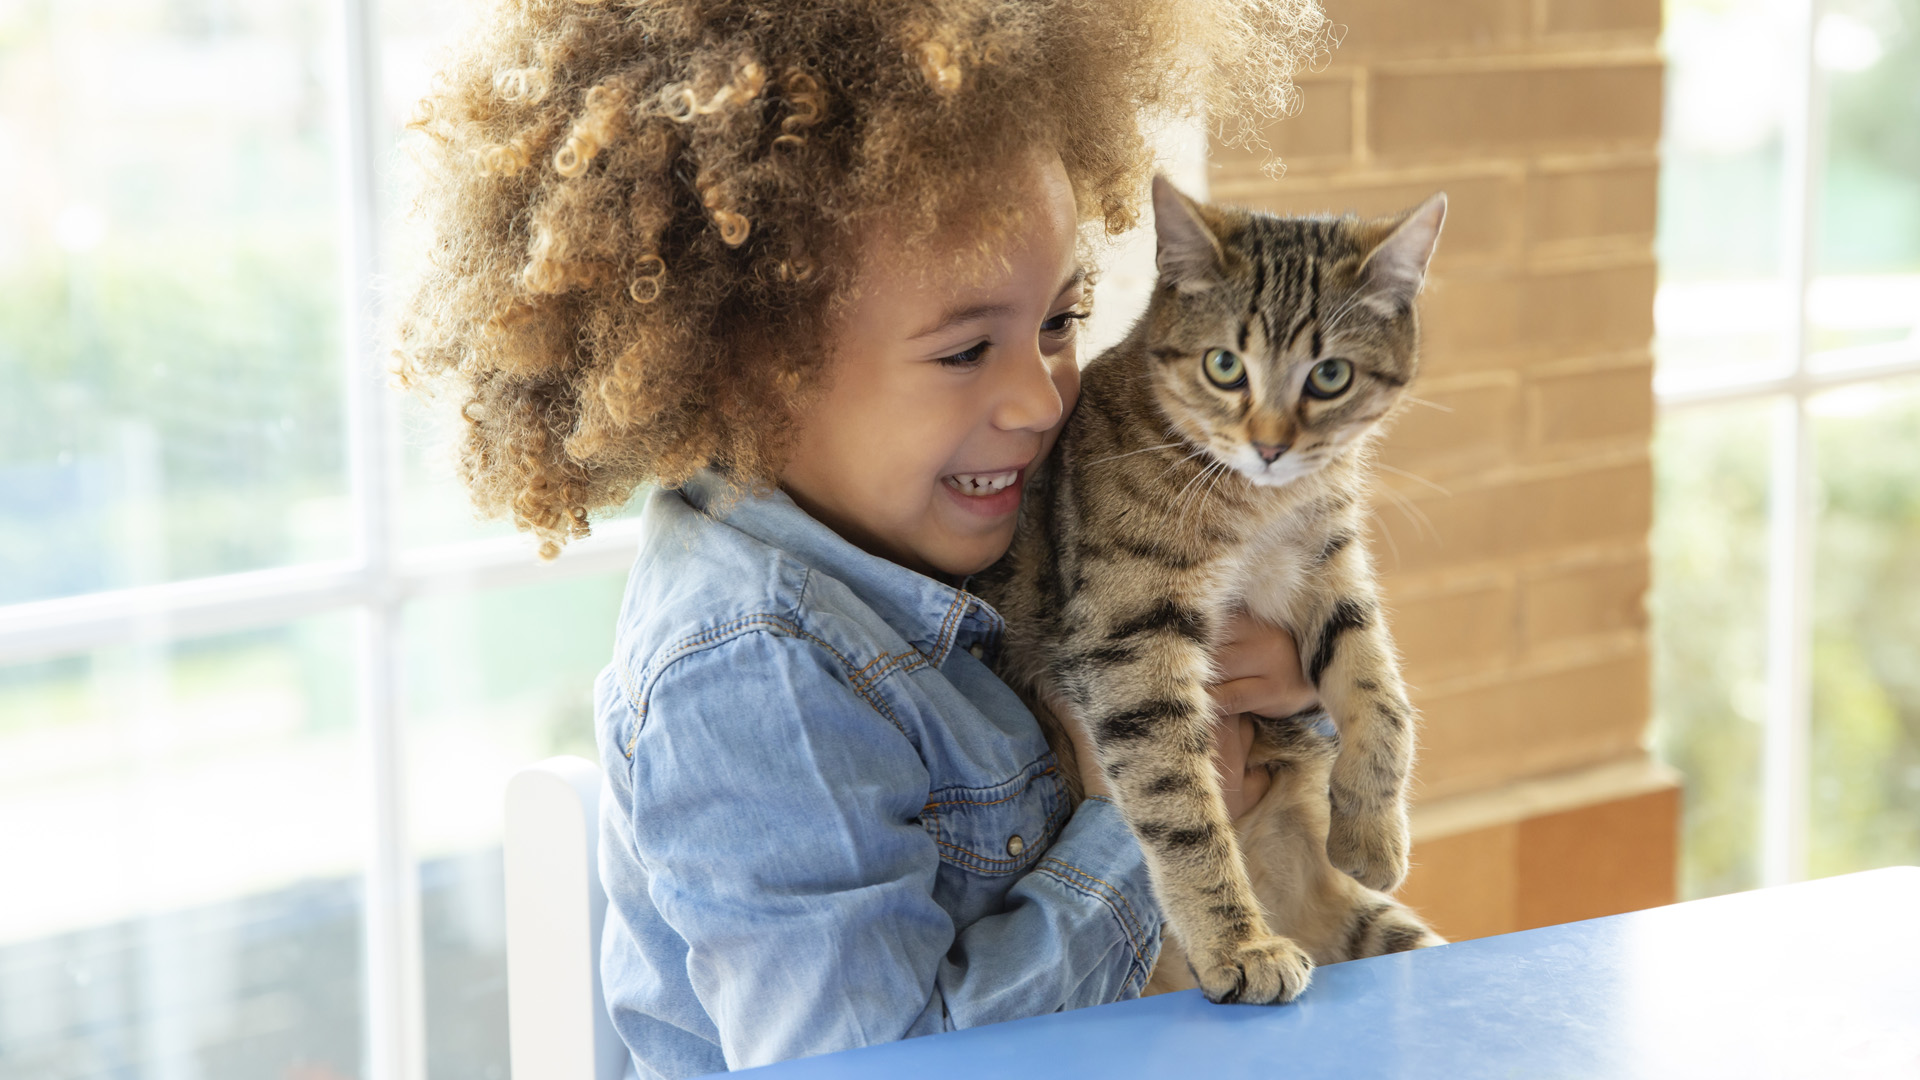 Macska kisgyerekkel